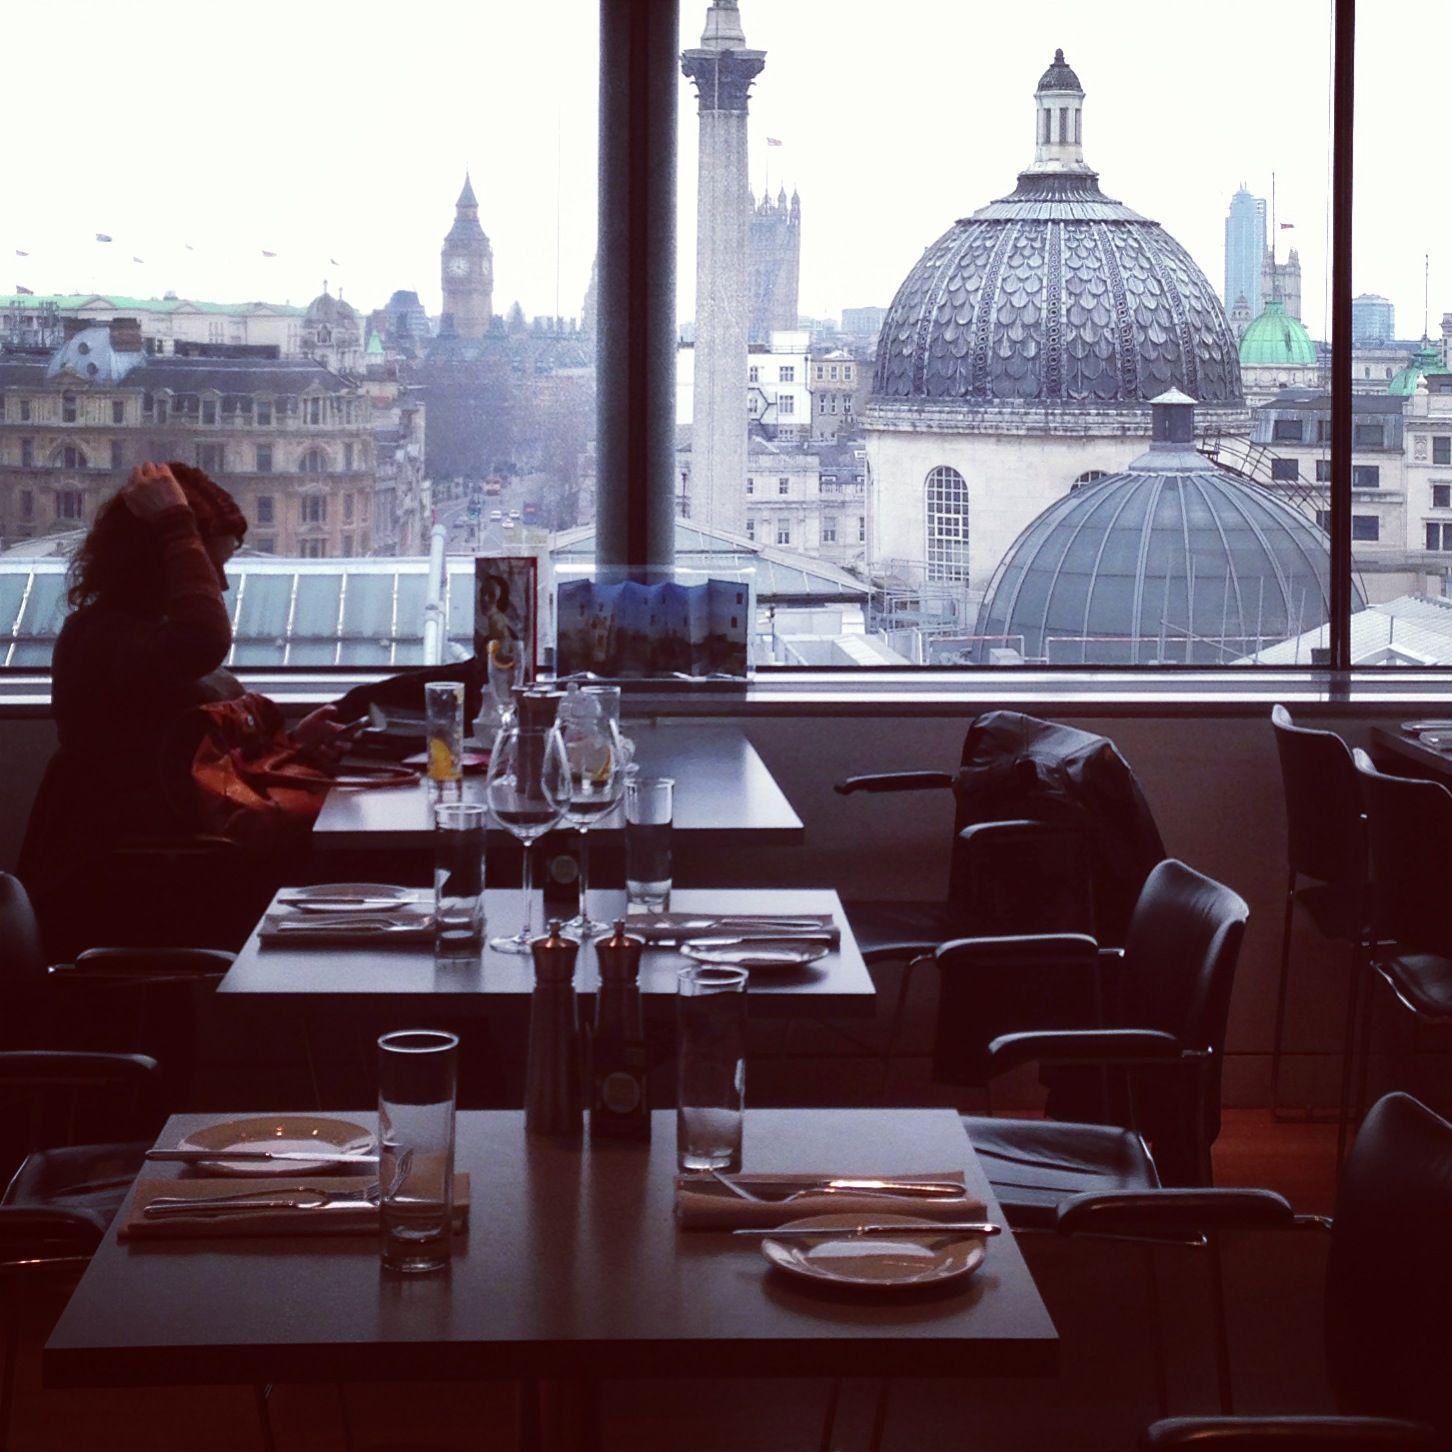 Portrait Restaurant London Top Floor Of National